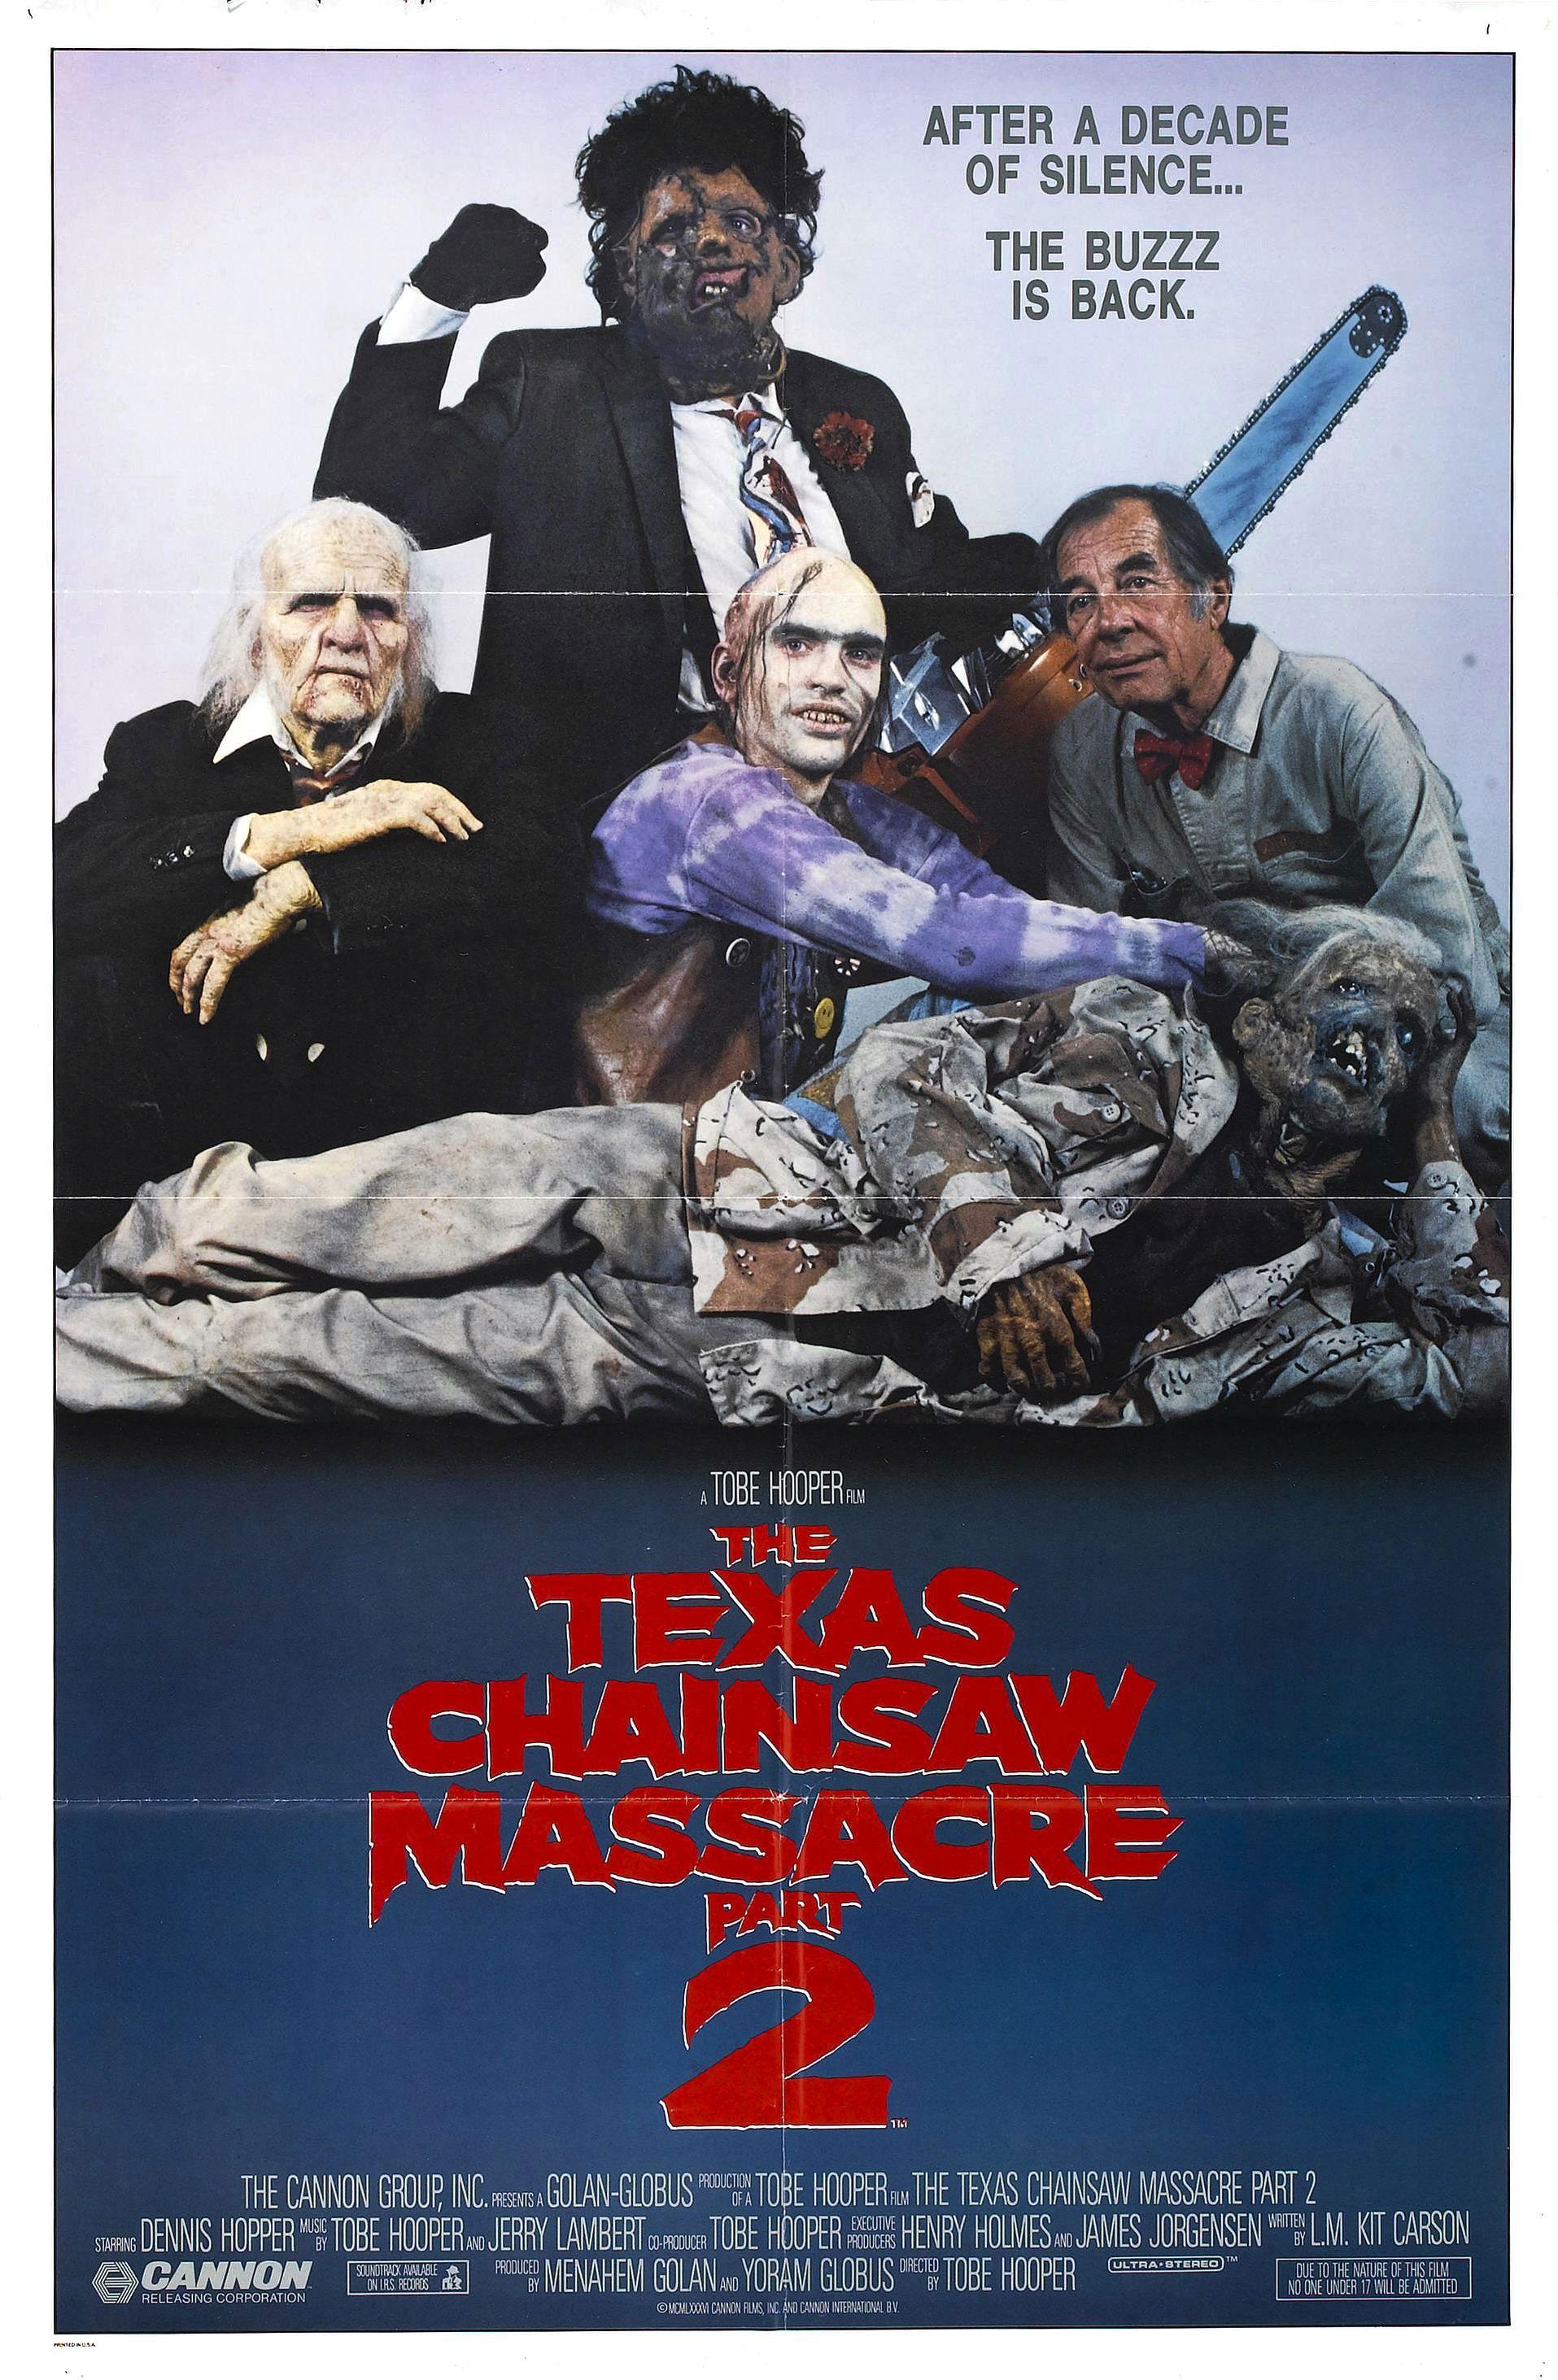 http://cdn.collider.com/wp-content/uploads/2015/10/texas-chainsaw-massacre-2-poster.jpg